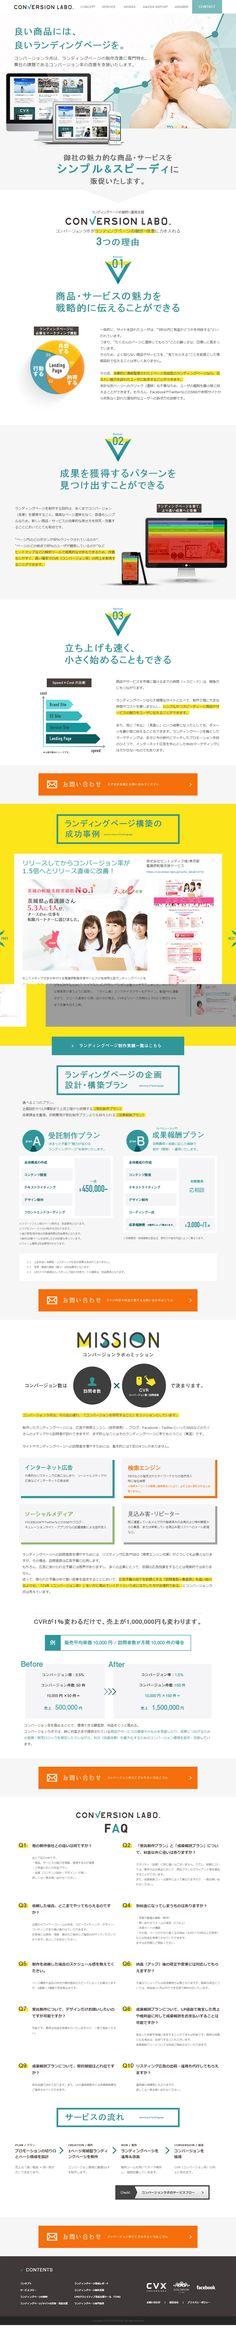 魅力の伝わるランディングページ制作|WEBデザイナーさん必見!ランディングページのデザイン参考に(シンプル系)